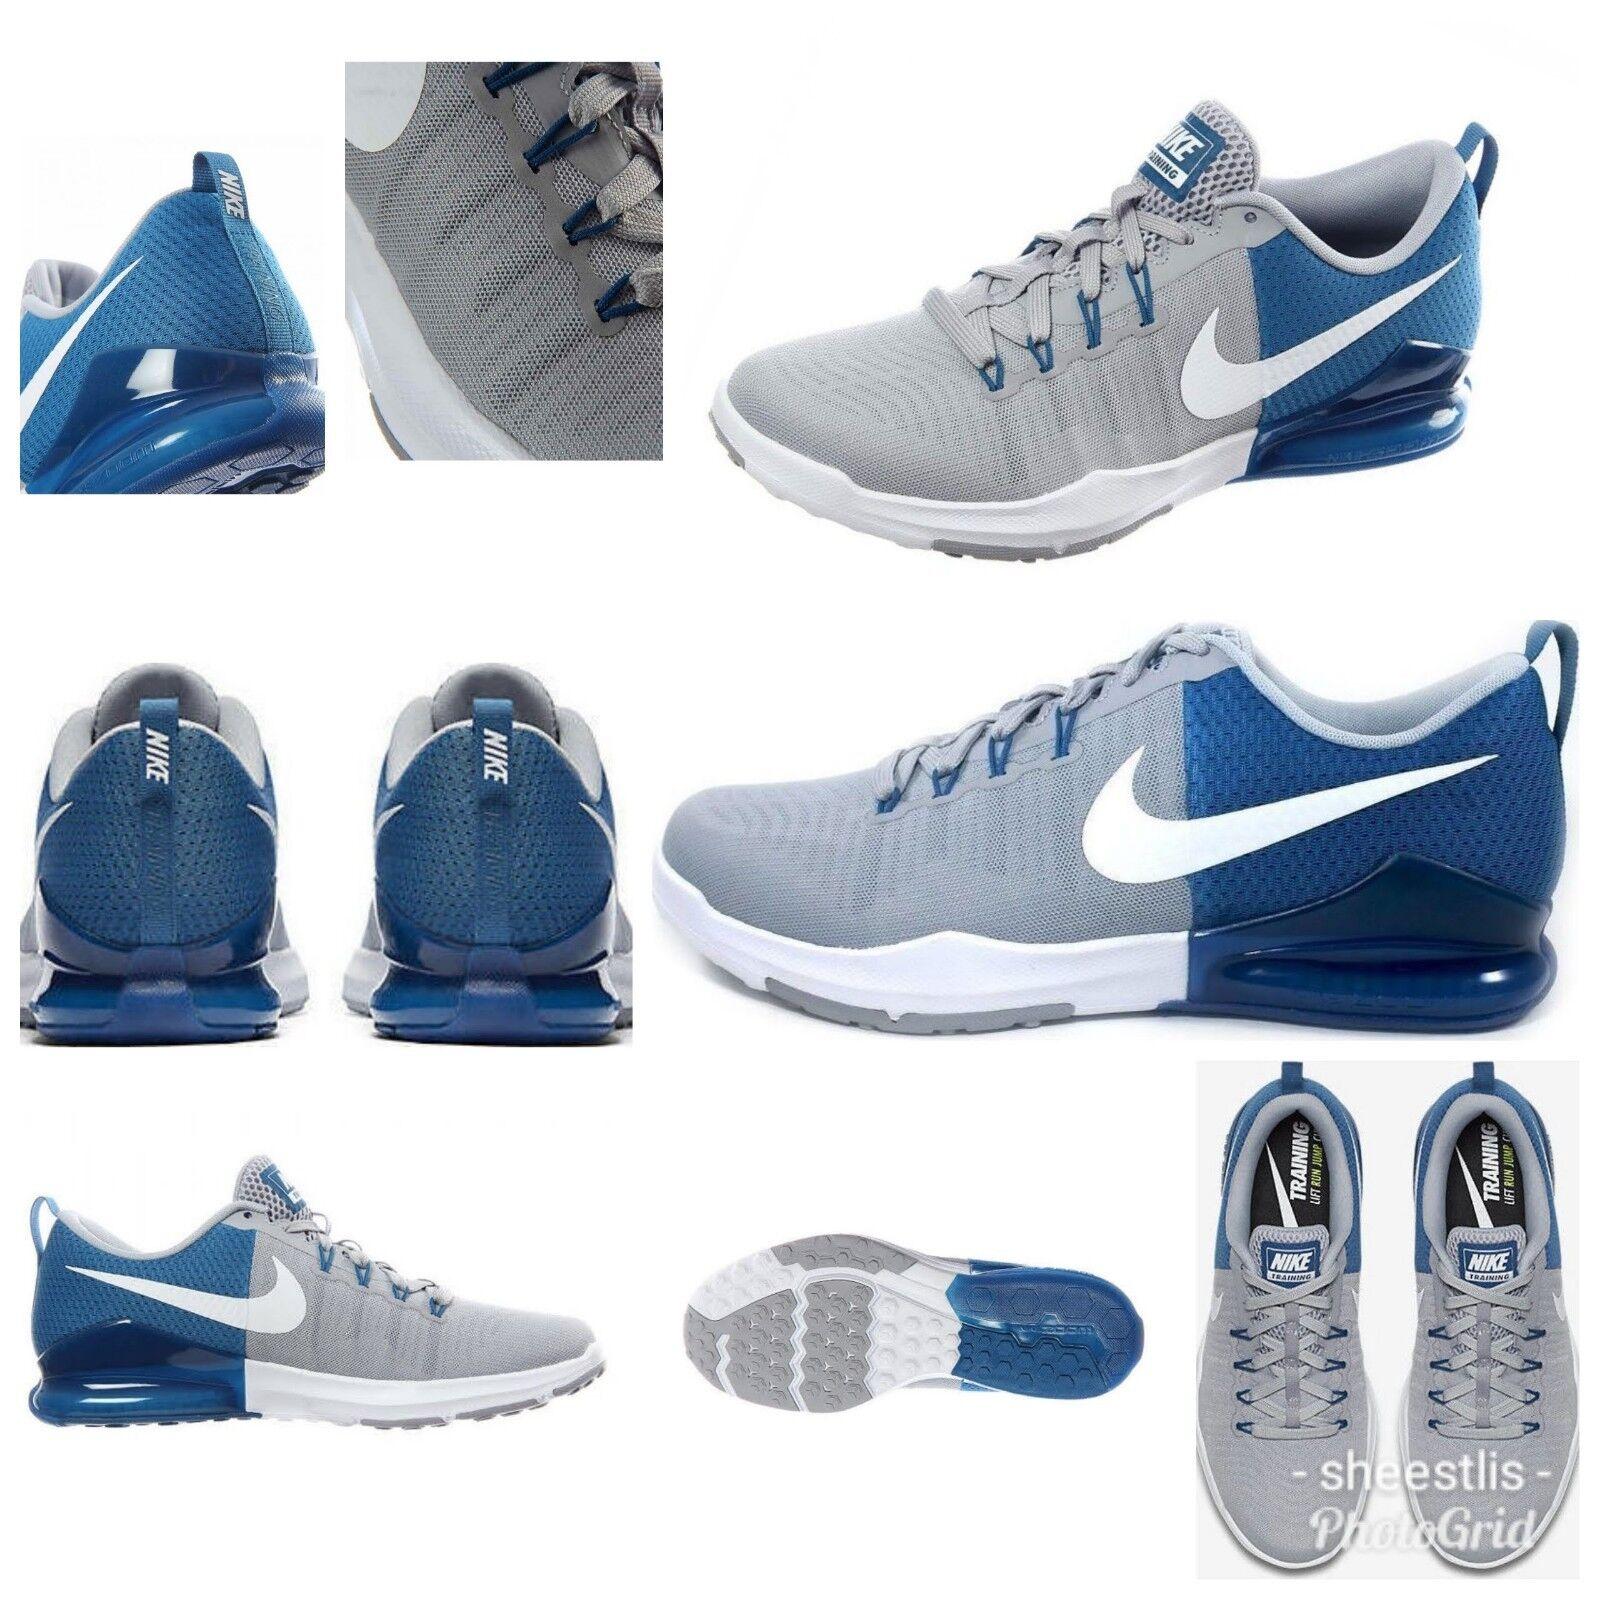 c2628fd22b6e Nike Men s 10.5 Zoom Train Action Training shoes FULL FULL FULL BOX 852438  400 852438-